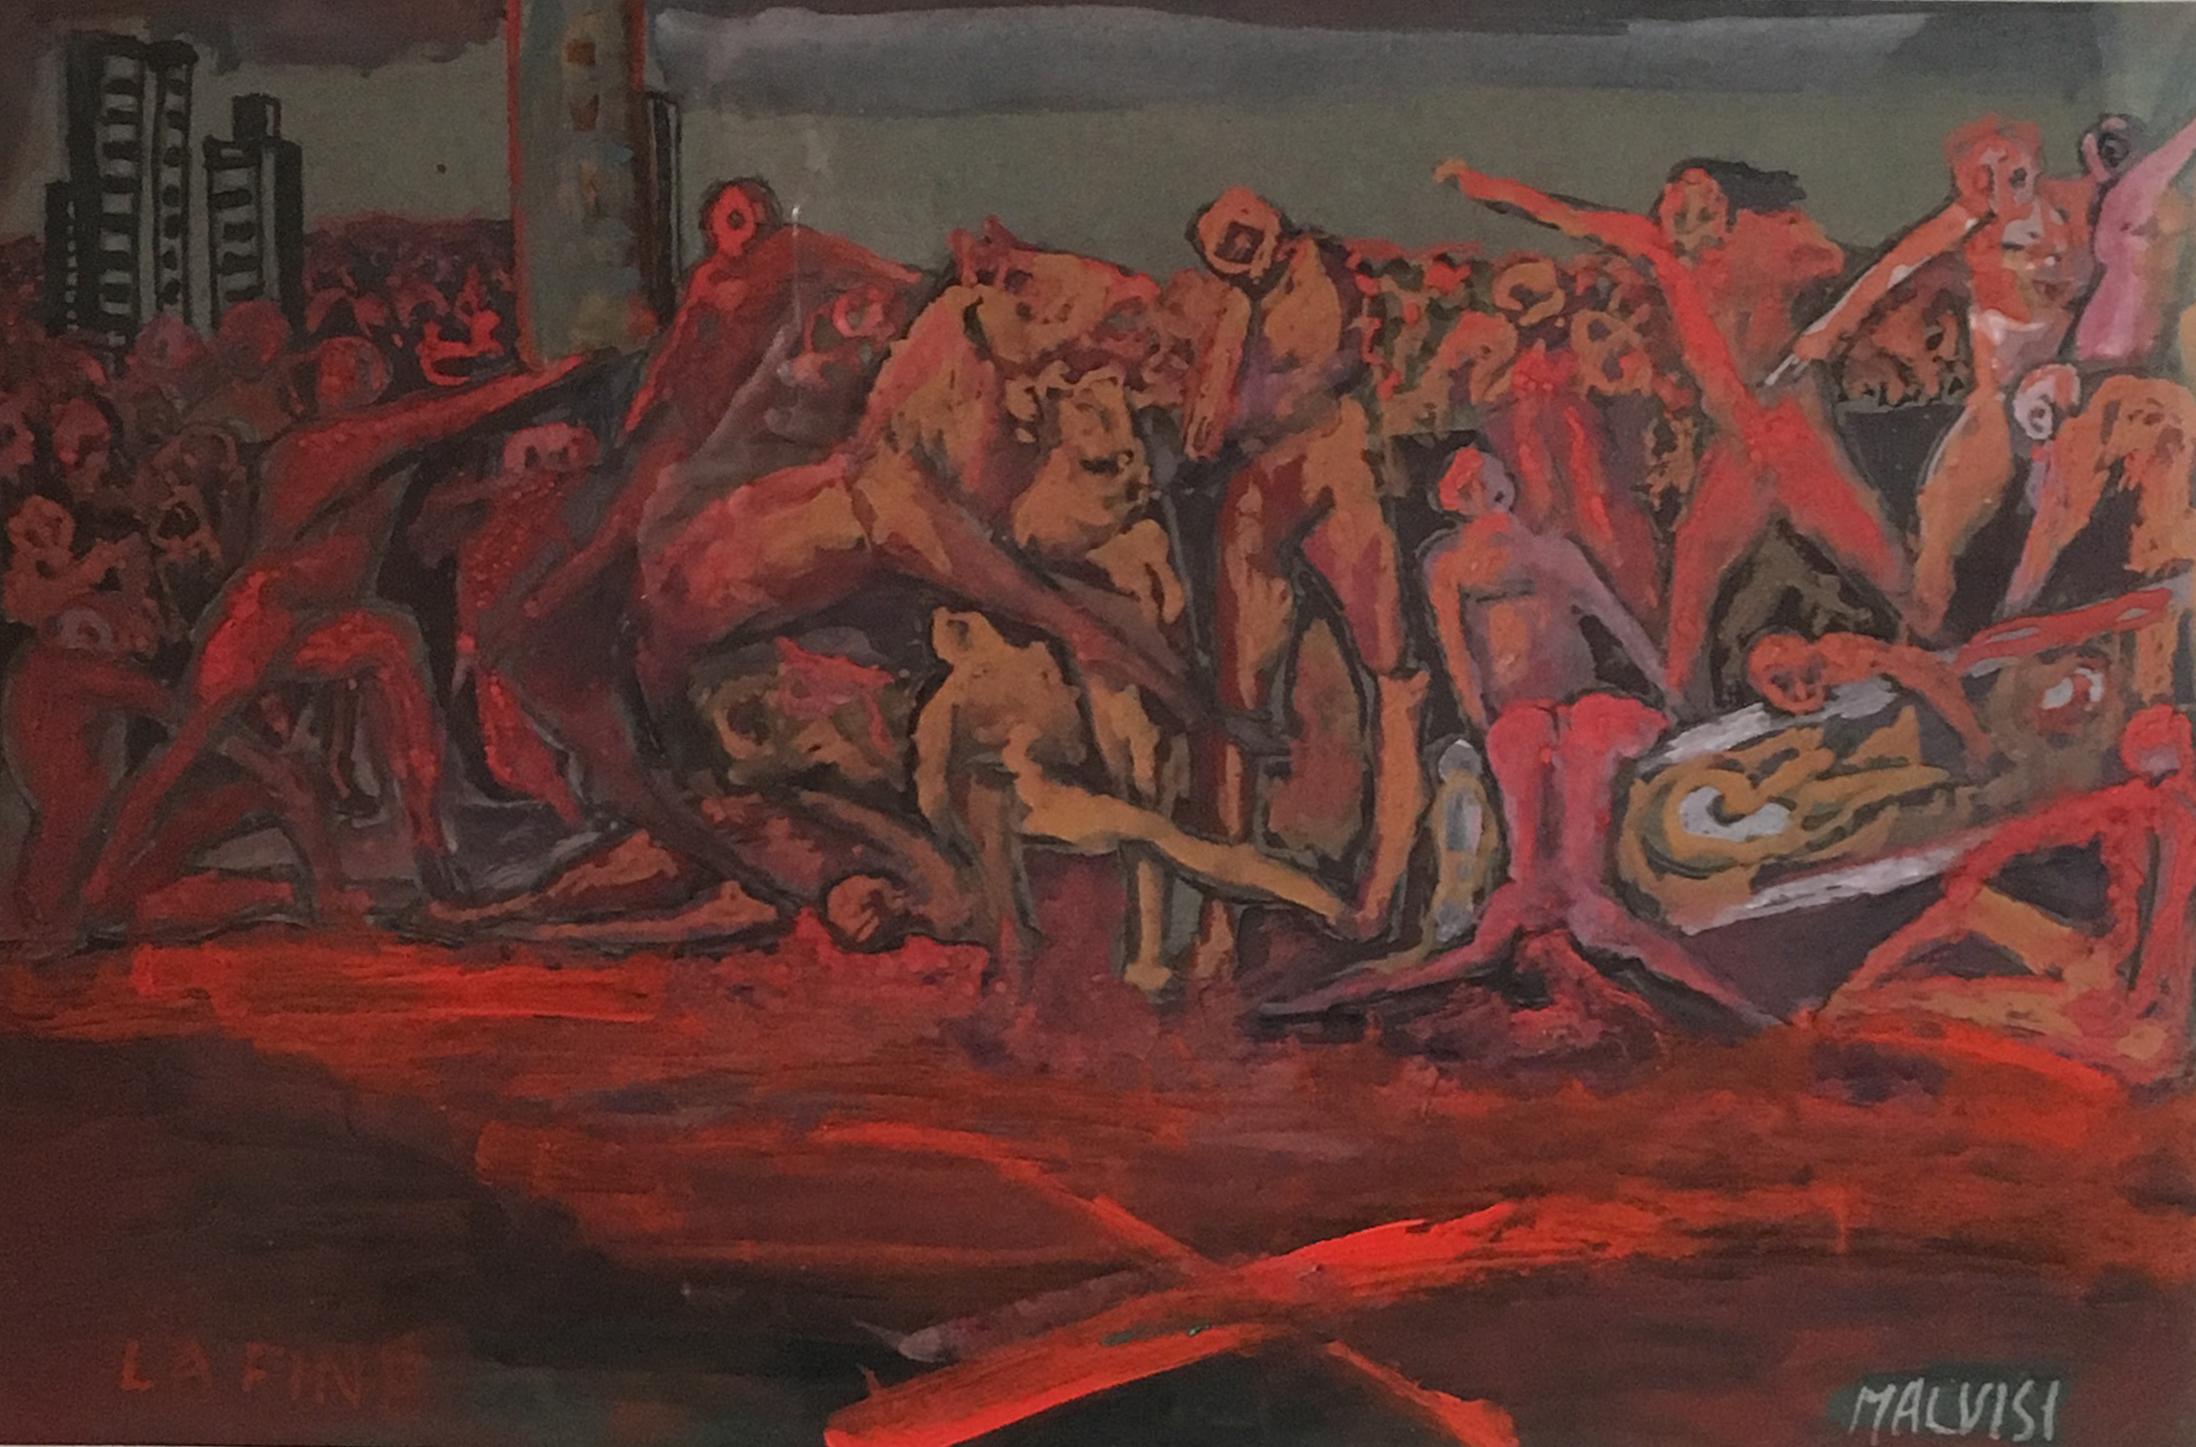 <b>The humanity rising against itself</b><br> (Orig.L'uminatia' in rivolta contro se stessa) <br> 2008 Tempera and acrylic <br> cm 33 x 50